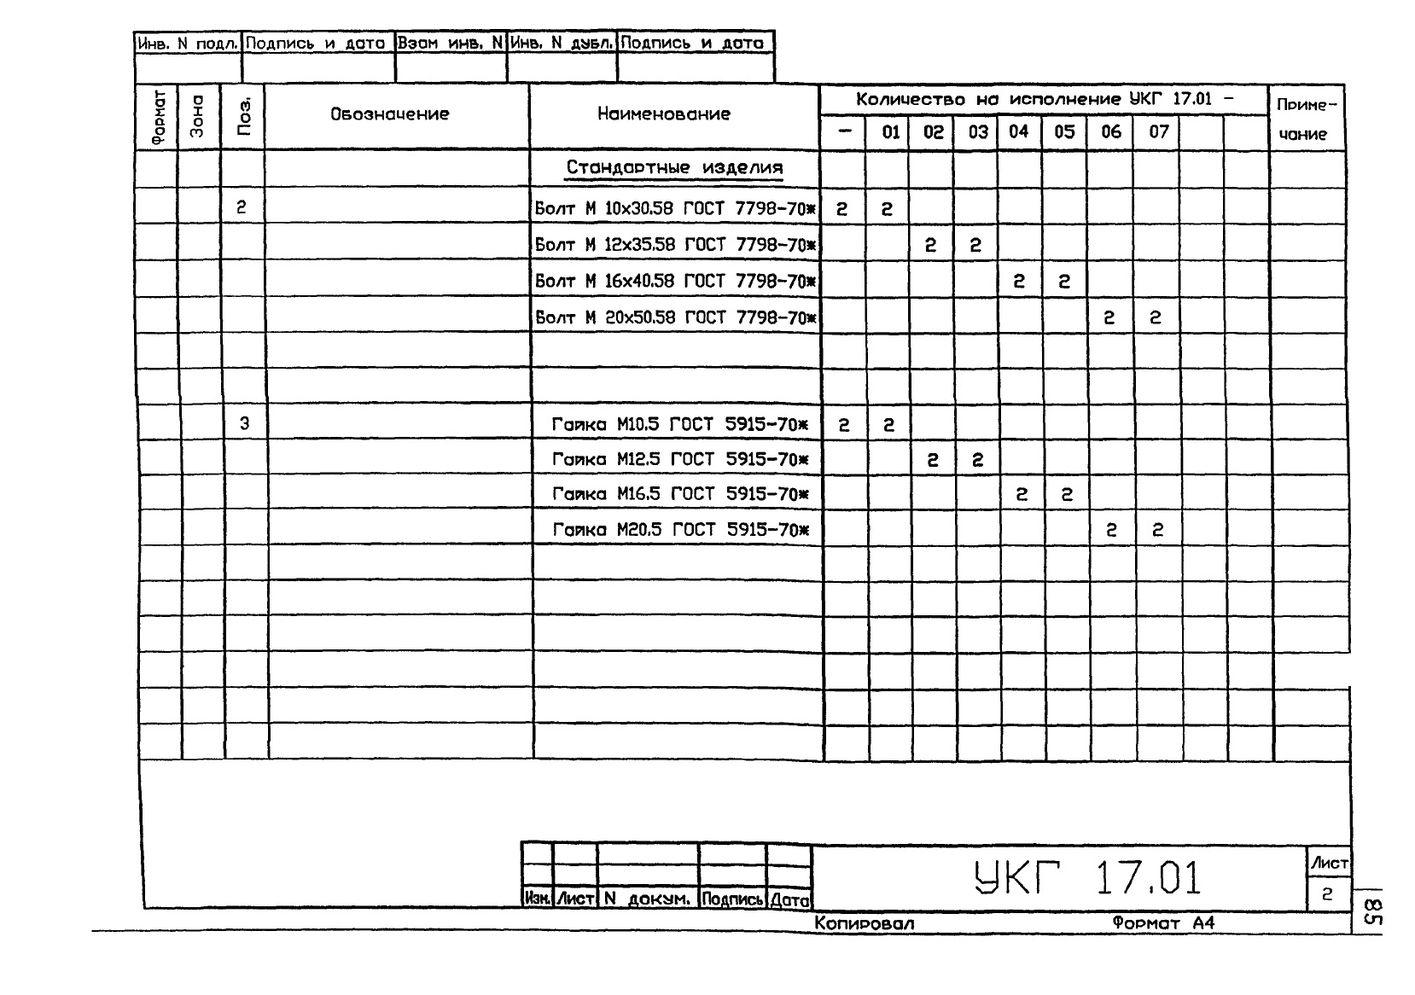 Подвеска с одной тягой, регулируемой гайкой УКГ 17.00 СБ серия 5.905-18.05 выпуск 1 стр.9